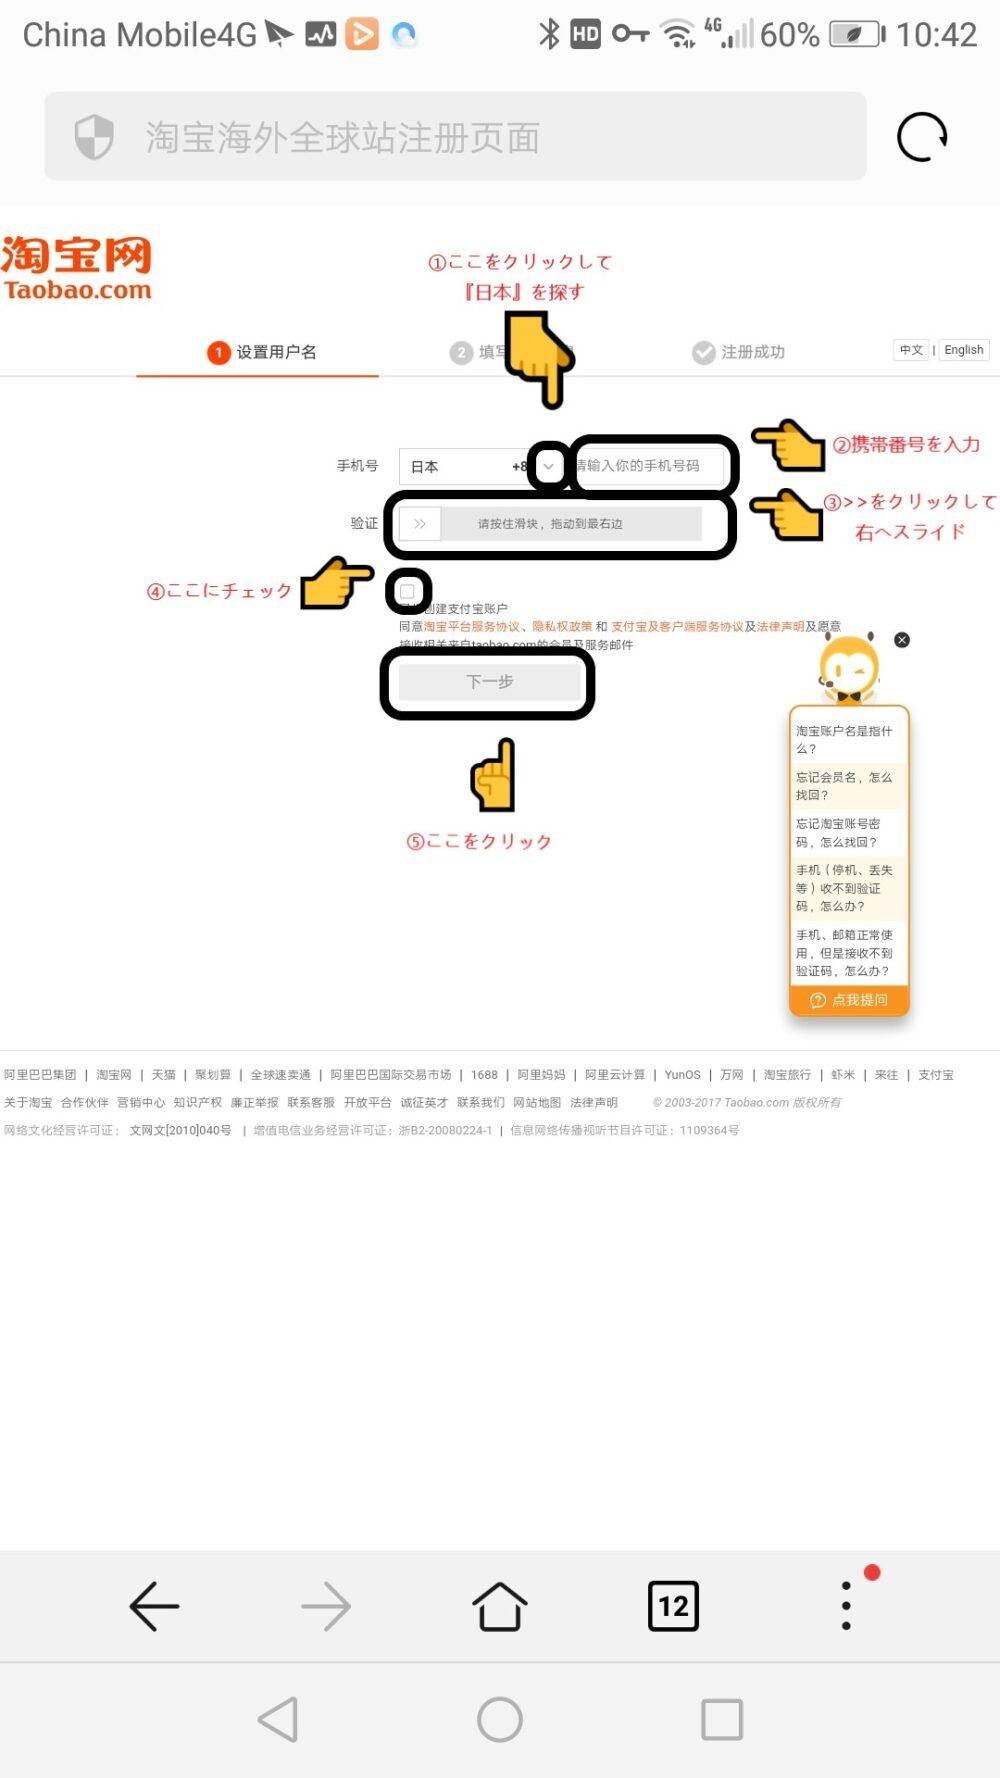 タオバオのサイトより電話番号の登録をしているスクリーンショットの画像